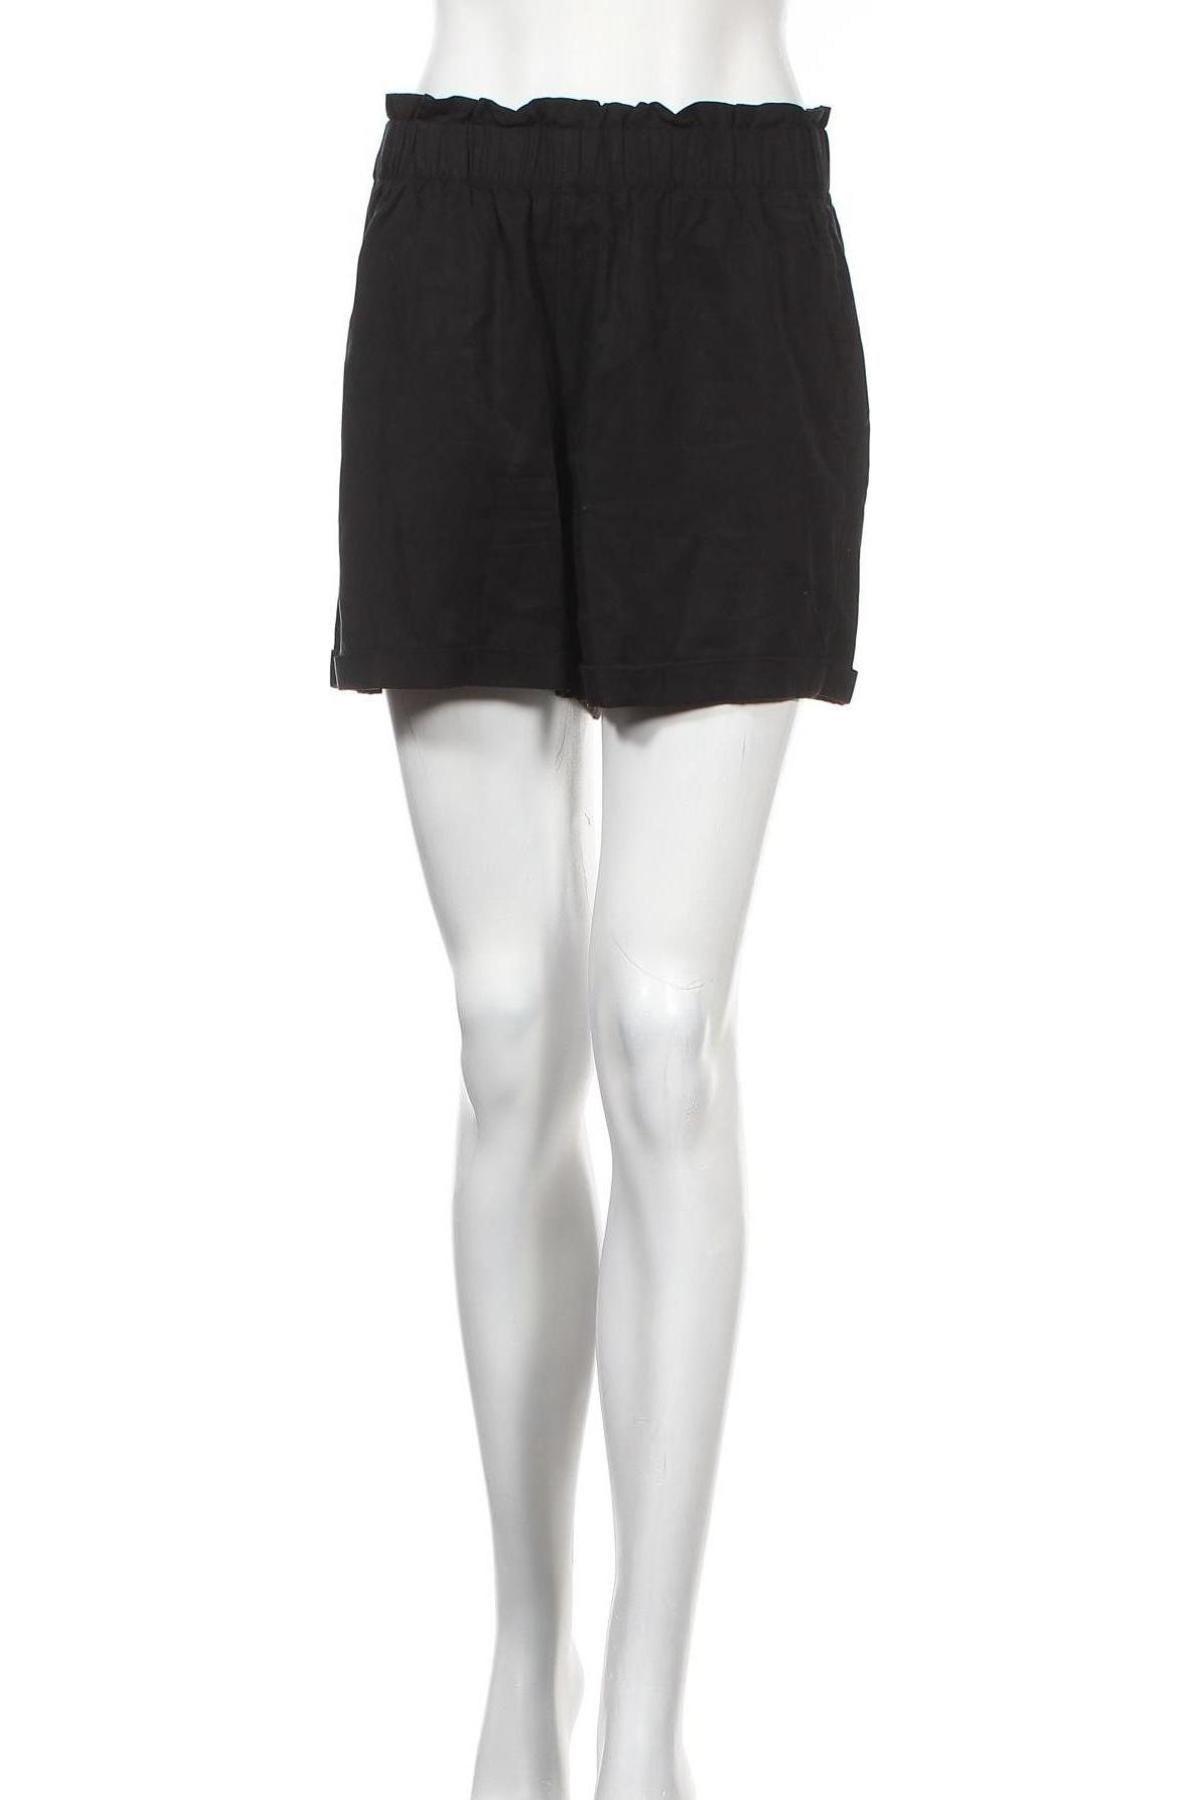 Γυναικείο κοντό παντελόνι Tom Tailor, Μέγεθος S, Χρώμα Μαύρο, Lyocell, Τιμή 14,60€